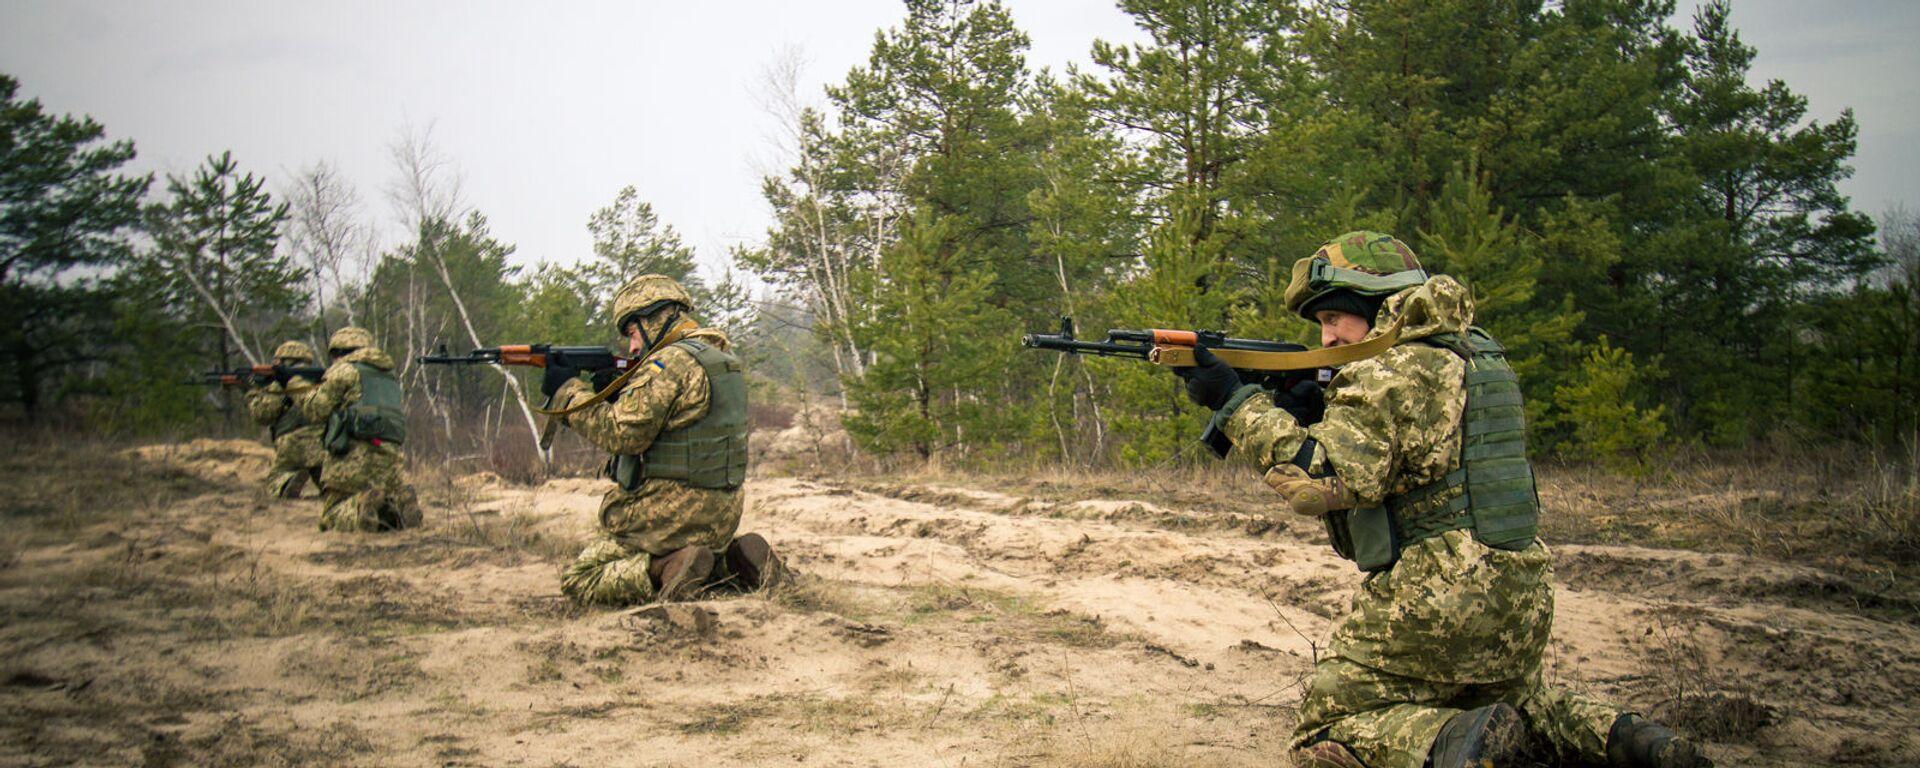 Припадници Оружаних снага Украјине на војним вежбама на Ровњенском полигону - Sputnik Србија, 1920, 13.10.2021